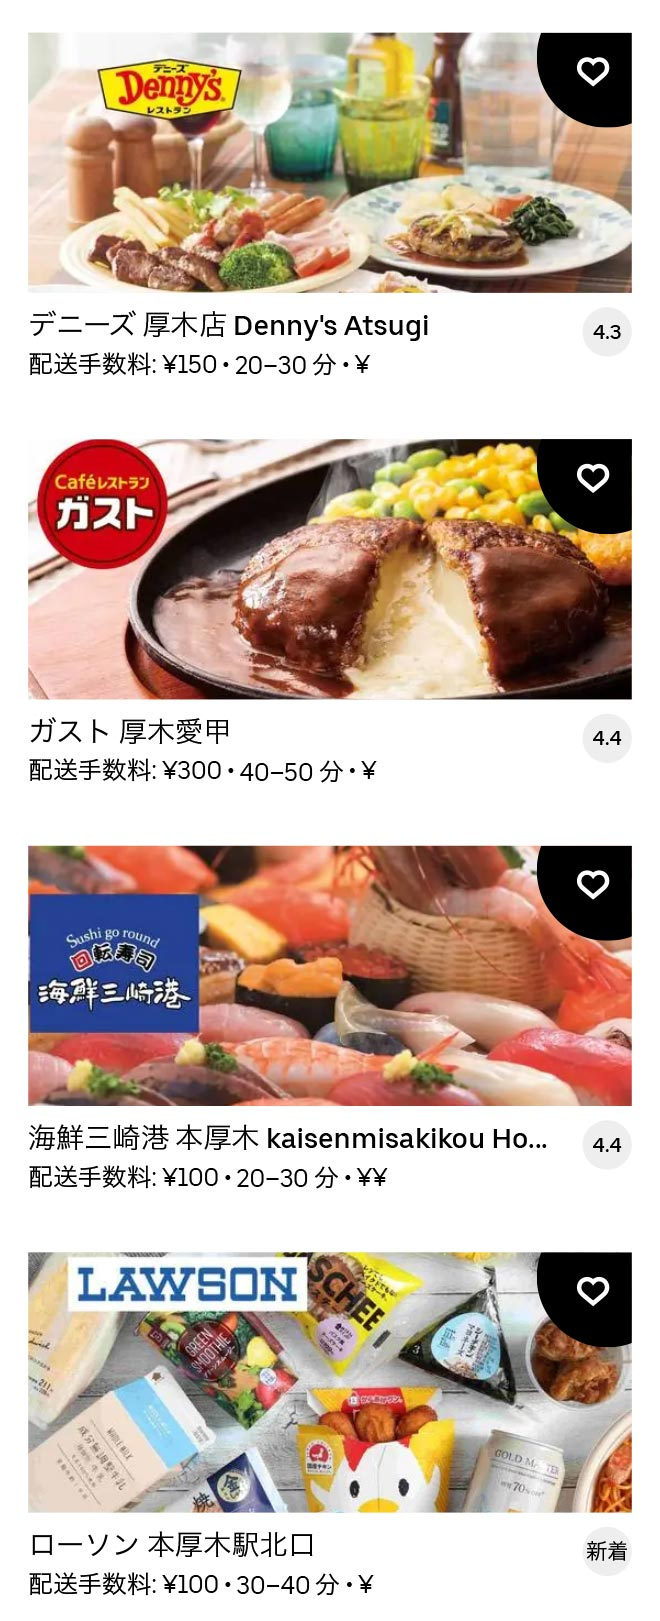 U honatsugi 2103 05